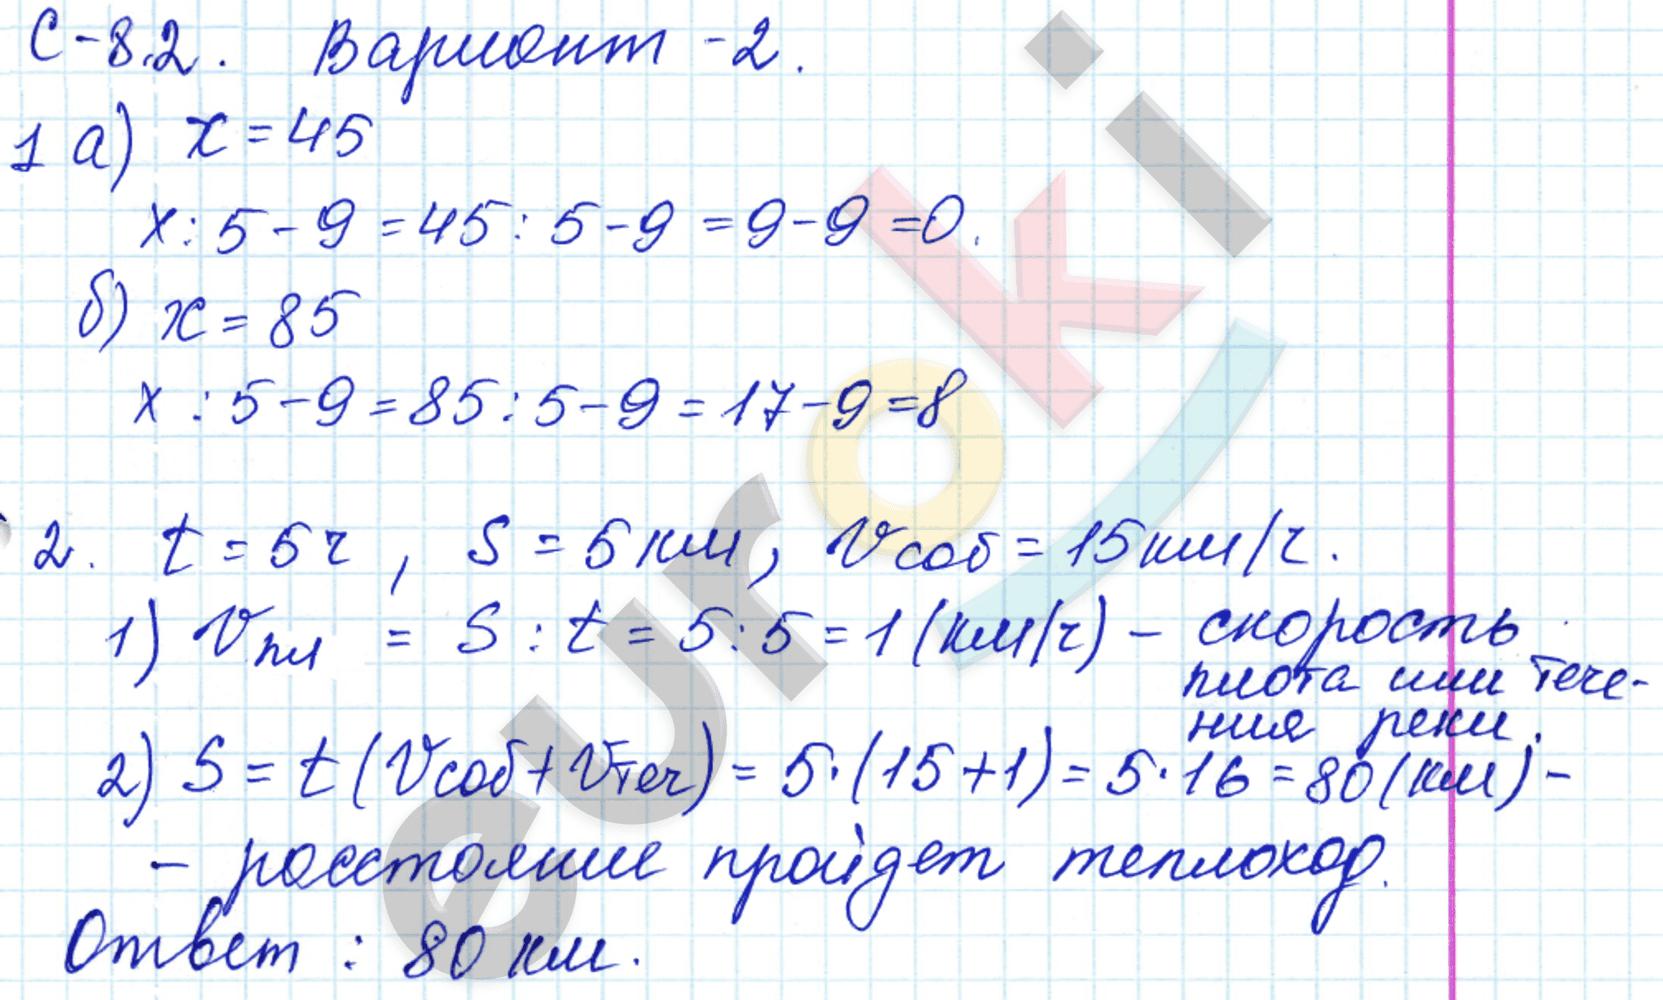 ГДЗ по математике 5 класс самостоятельные работы Зубарева, Мильштейн, Шанцева Тема 1. Натуральные числа, С-8.2. Округление натуральных чисел. Задание: Вариант 2